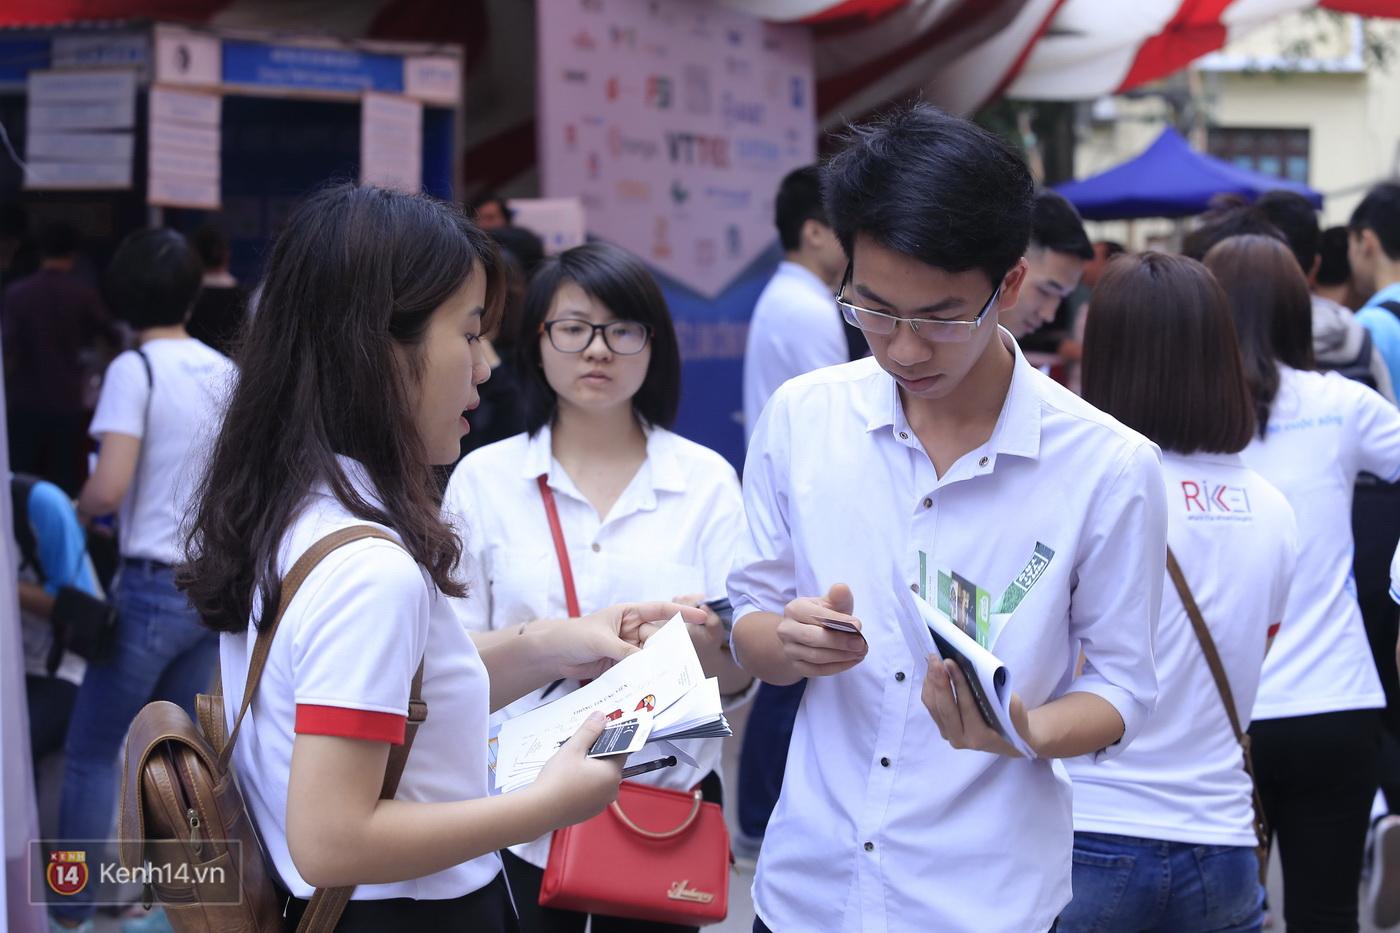 Ngày hội việc làm Công nghệ 2017: Khi sinh viên và các doanh nghiệp tìm được cầu nối - Ảnh 12.